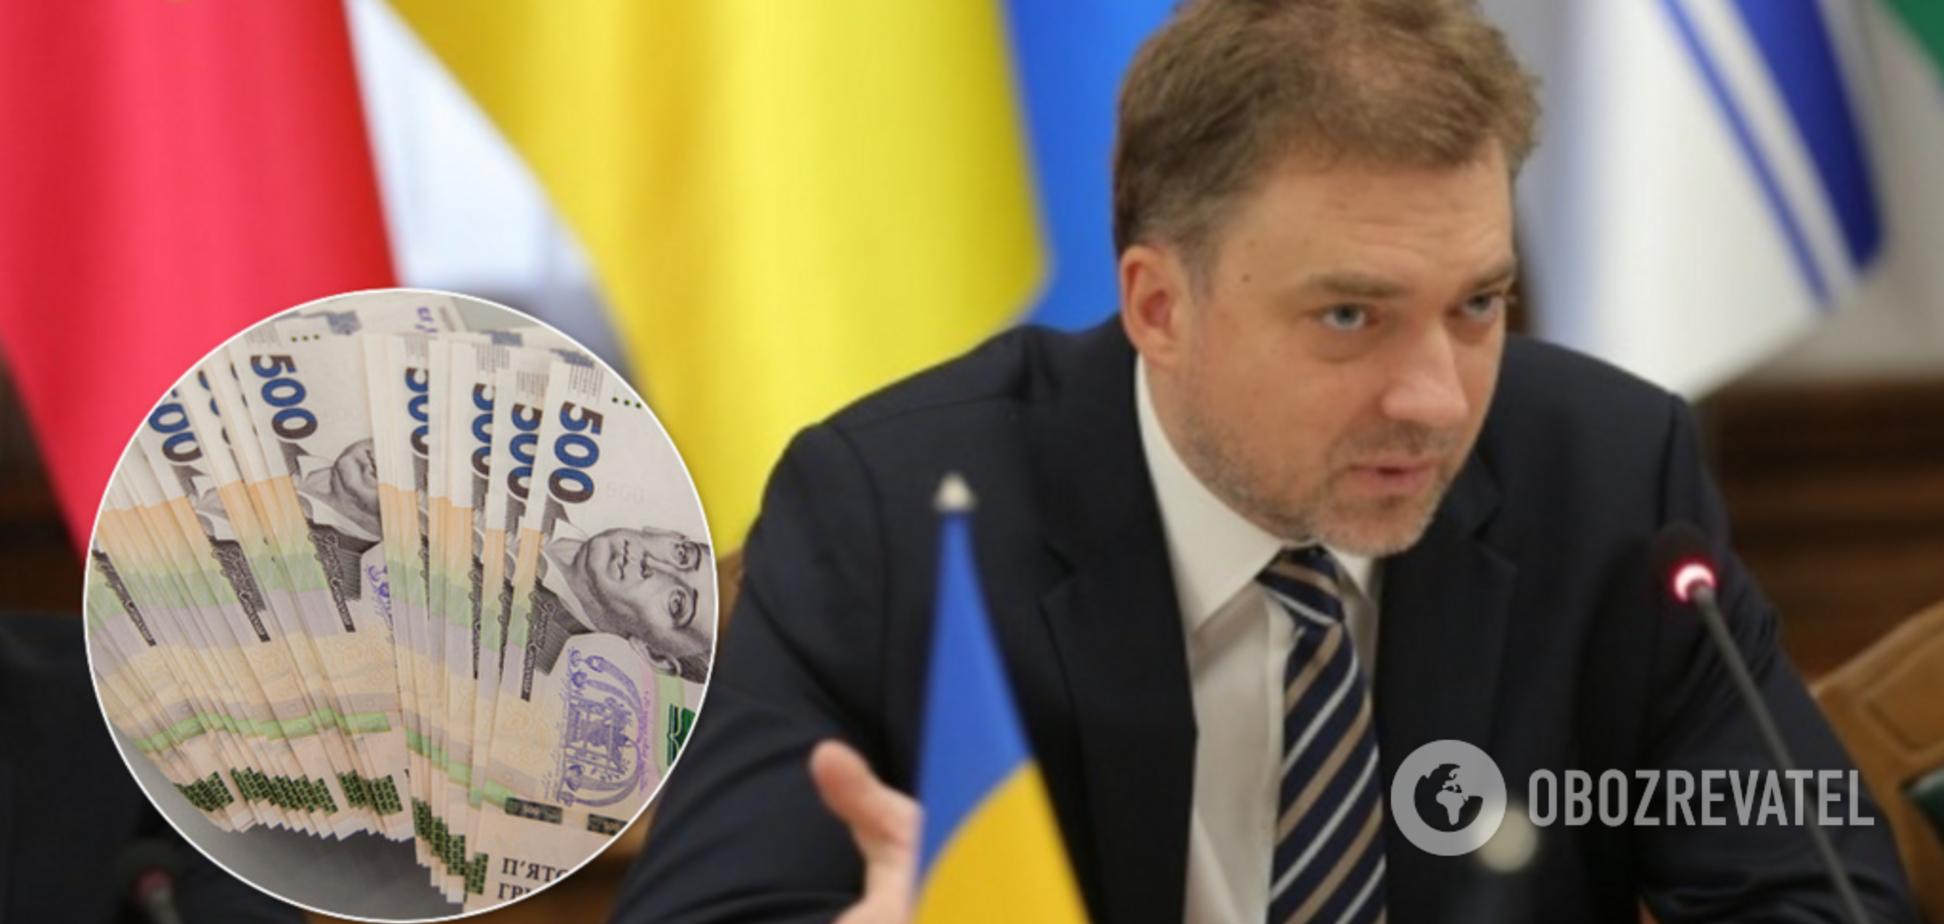 В 5 раз больше зарплаты: министр обороны Загороднюк побаловал себя крупной премией